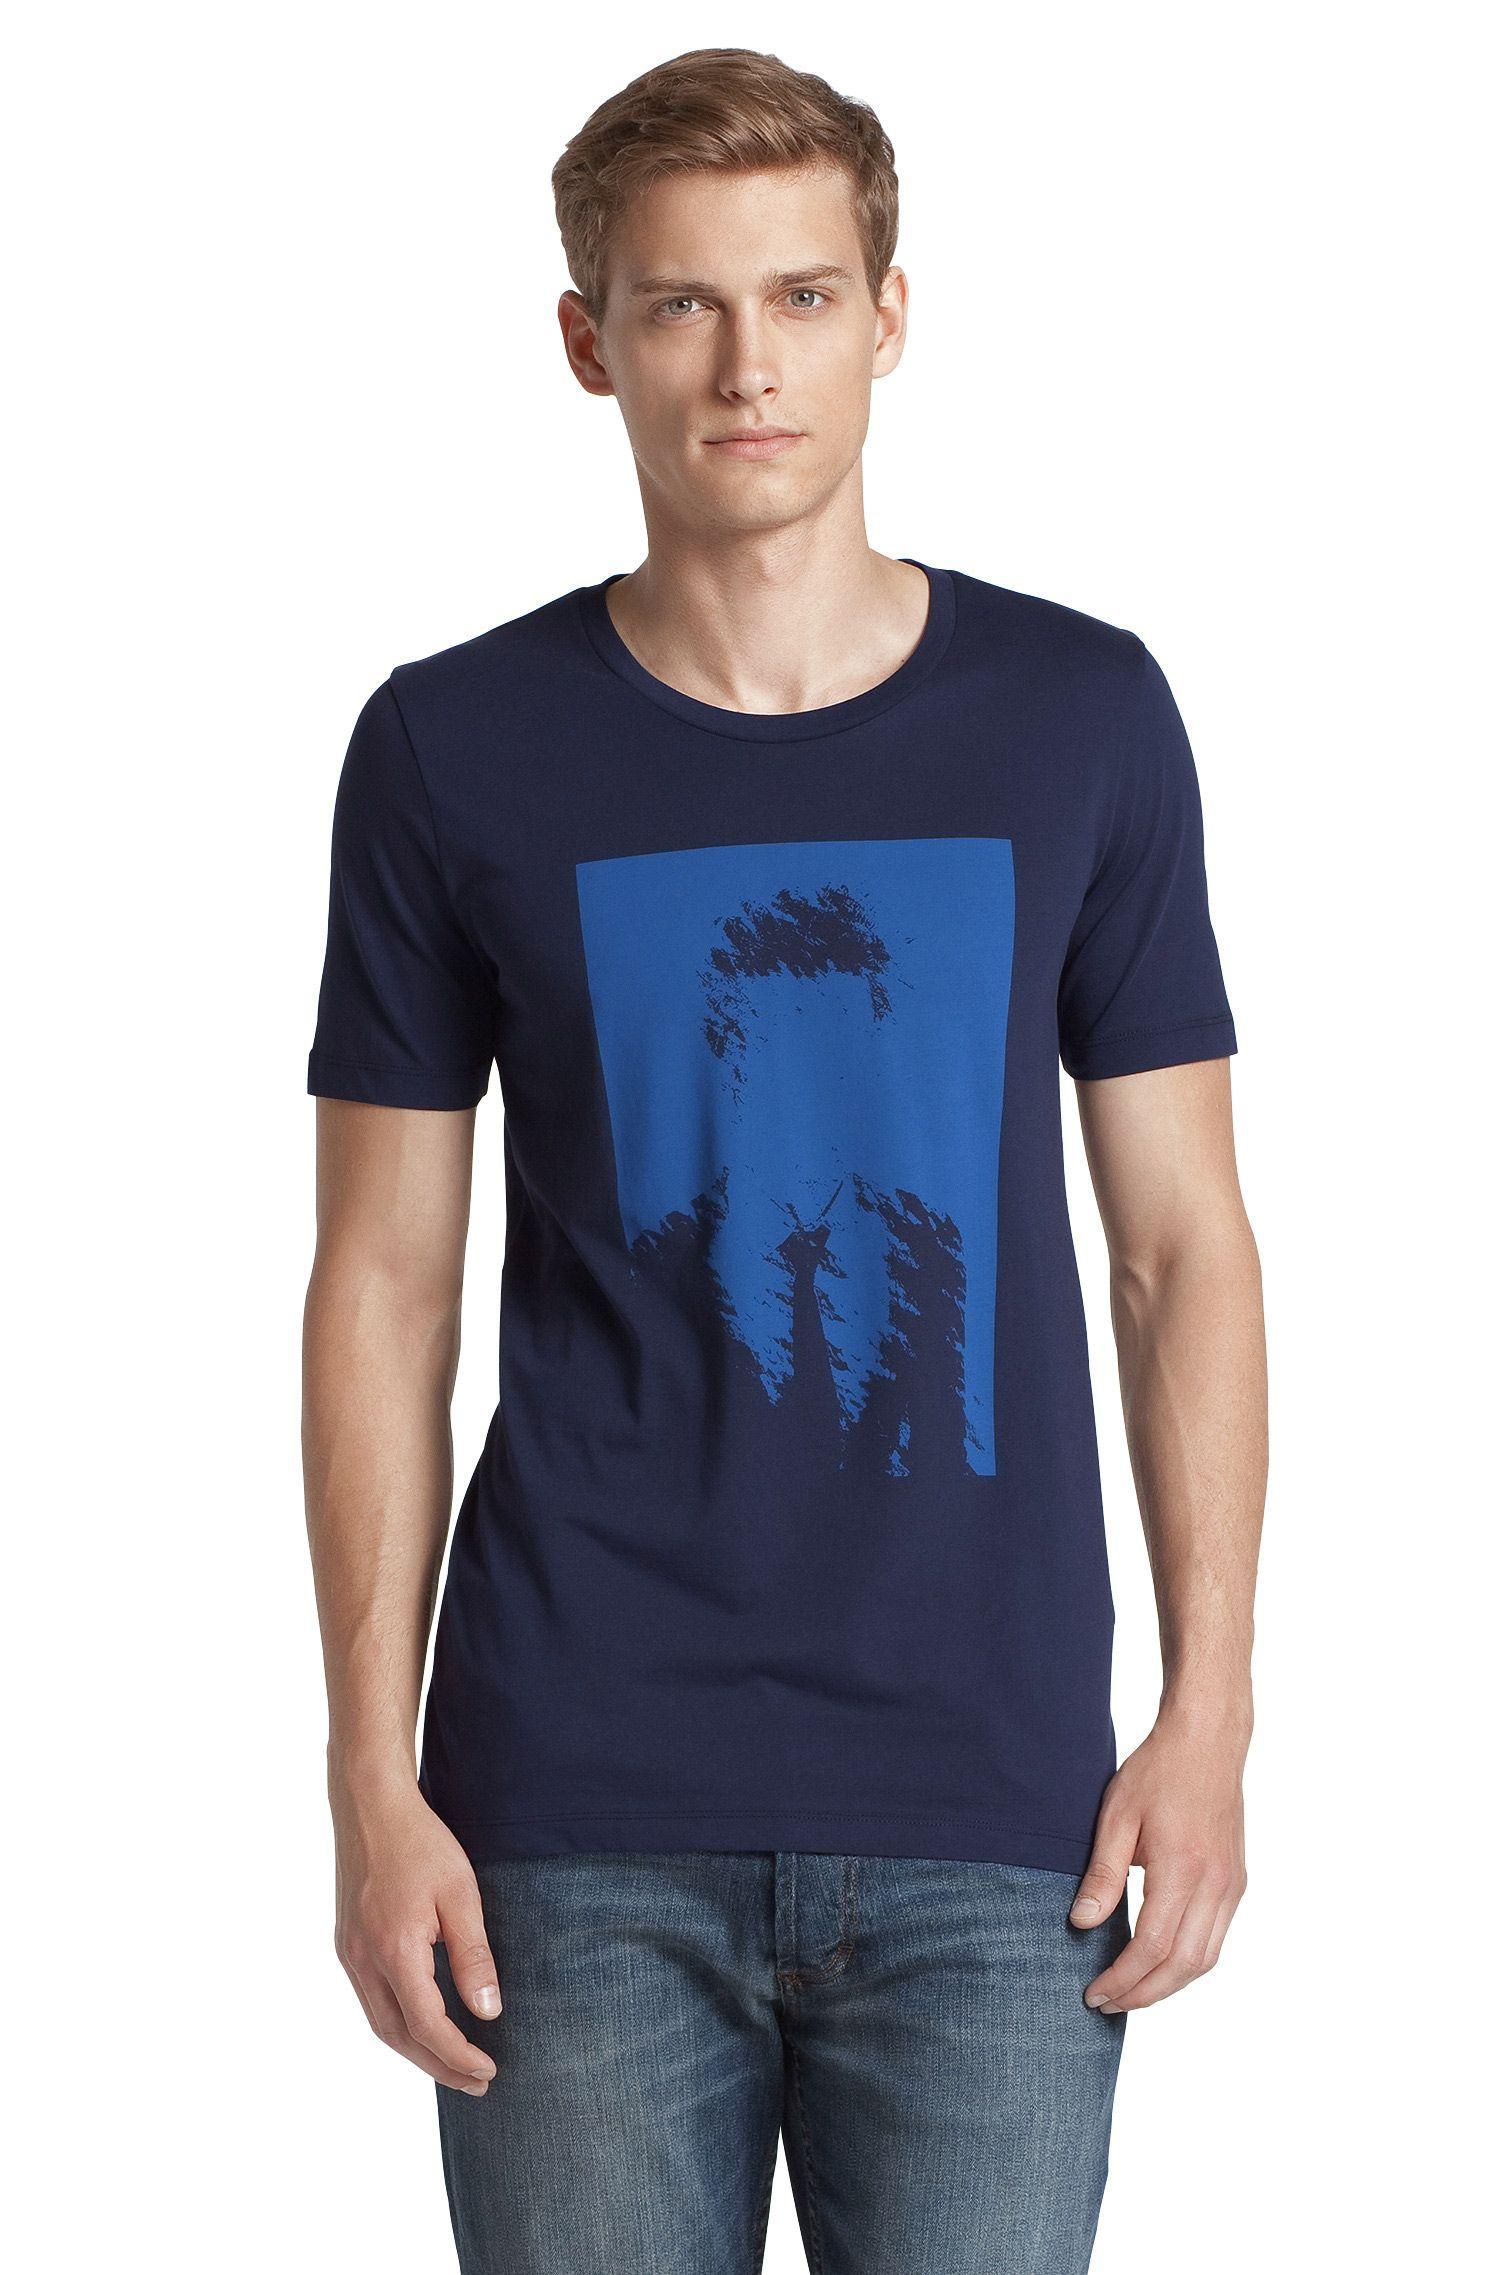 T-Shirt ´Dames` mit Rundhals-Ausschnitt